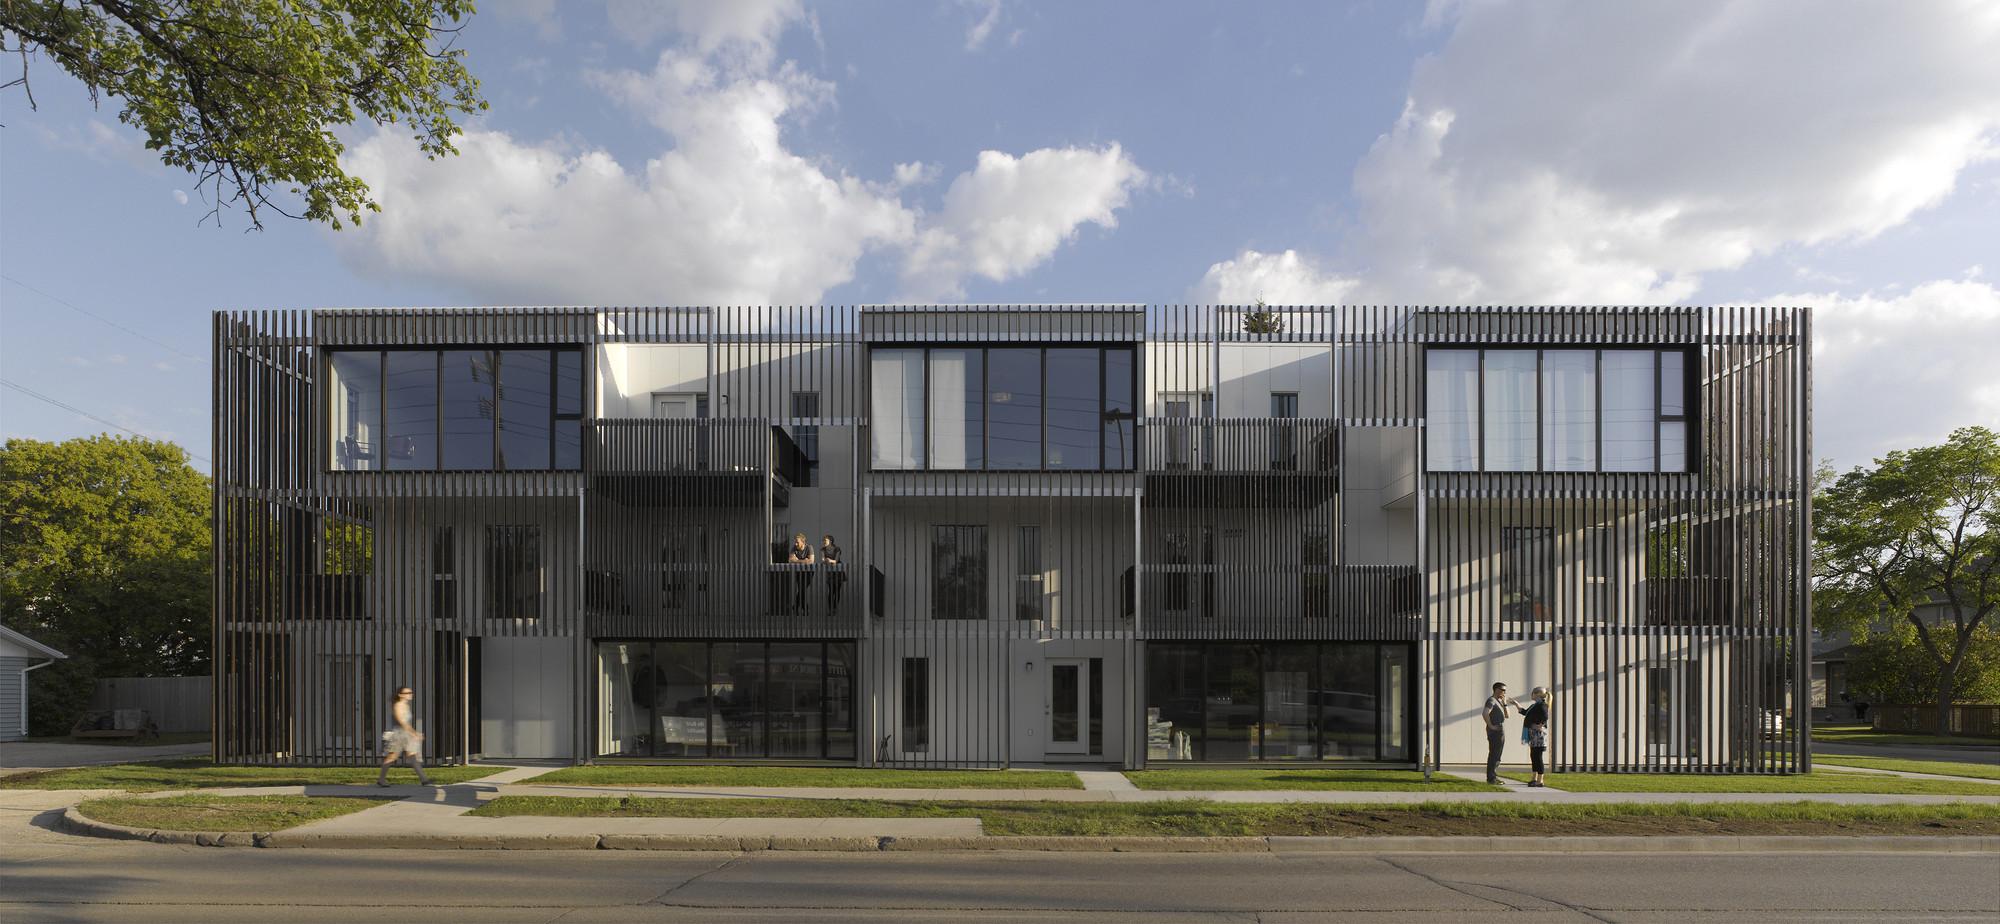 Bloc_10 / 5468796 Architecture